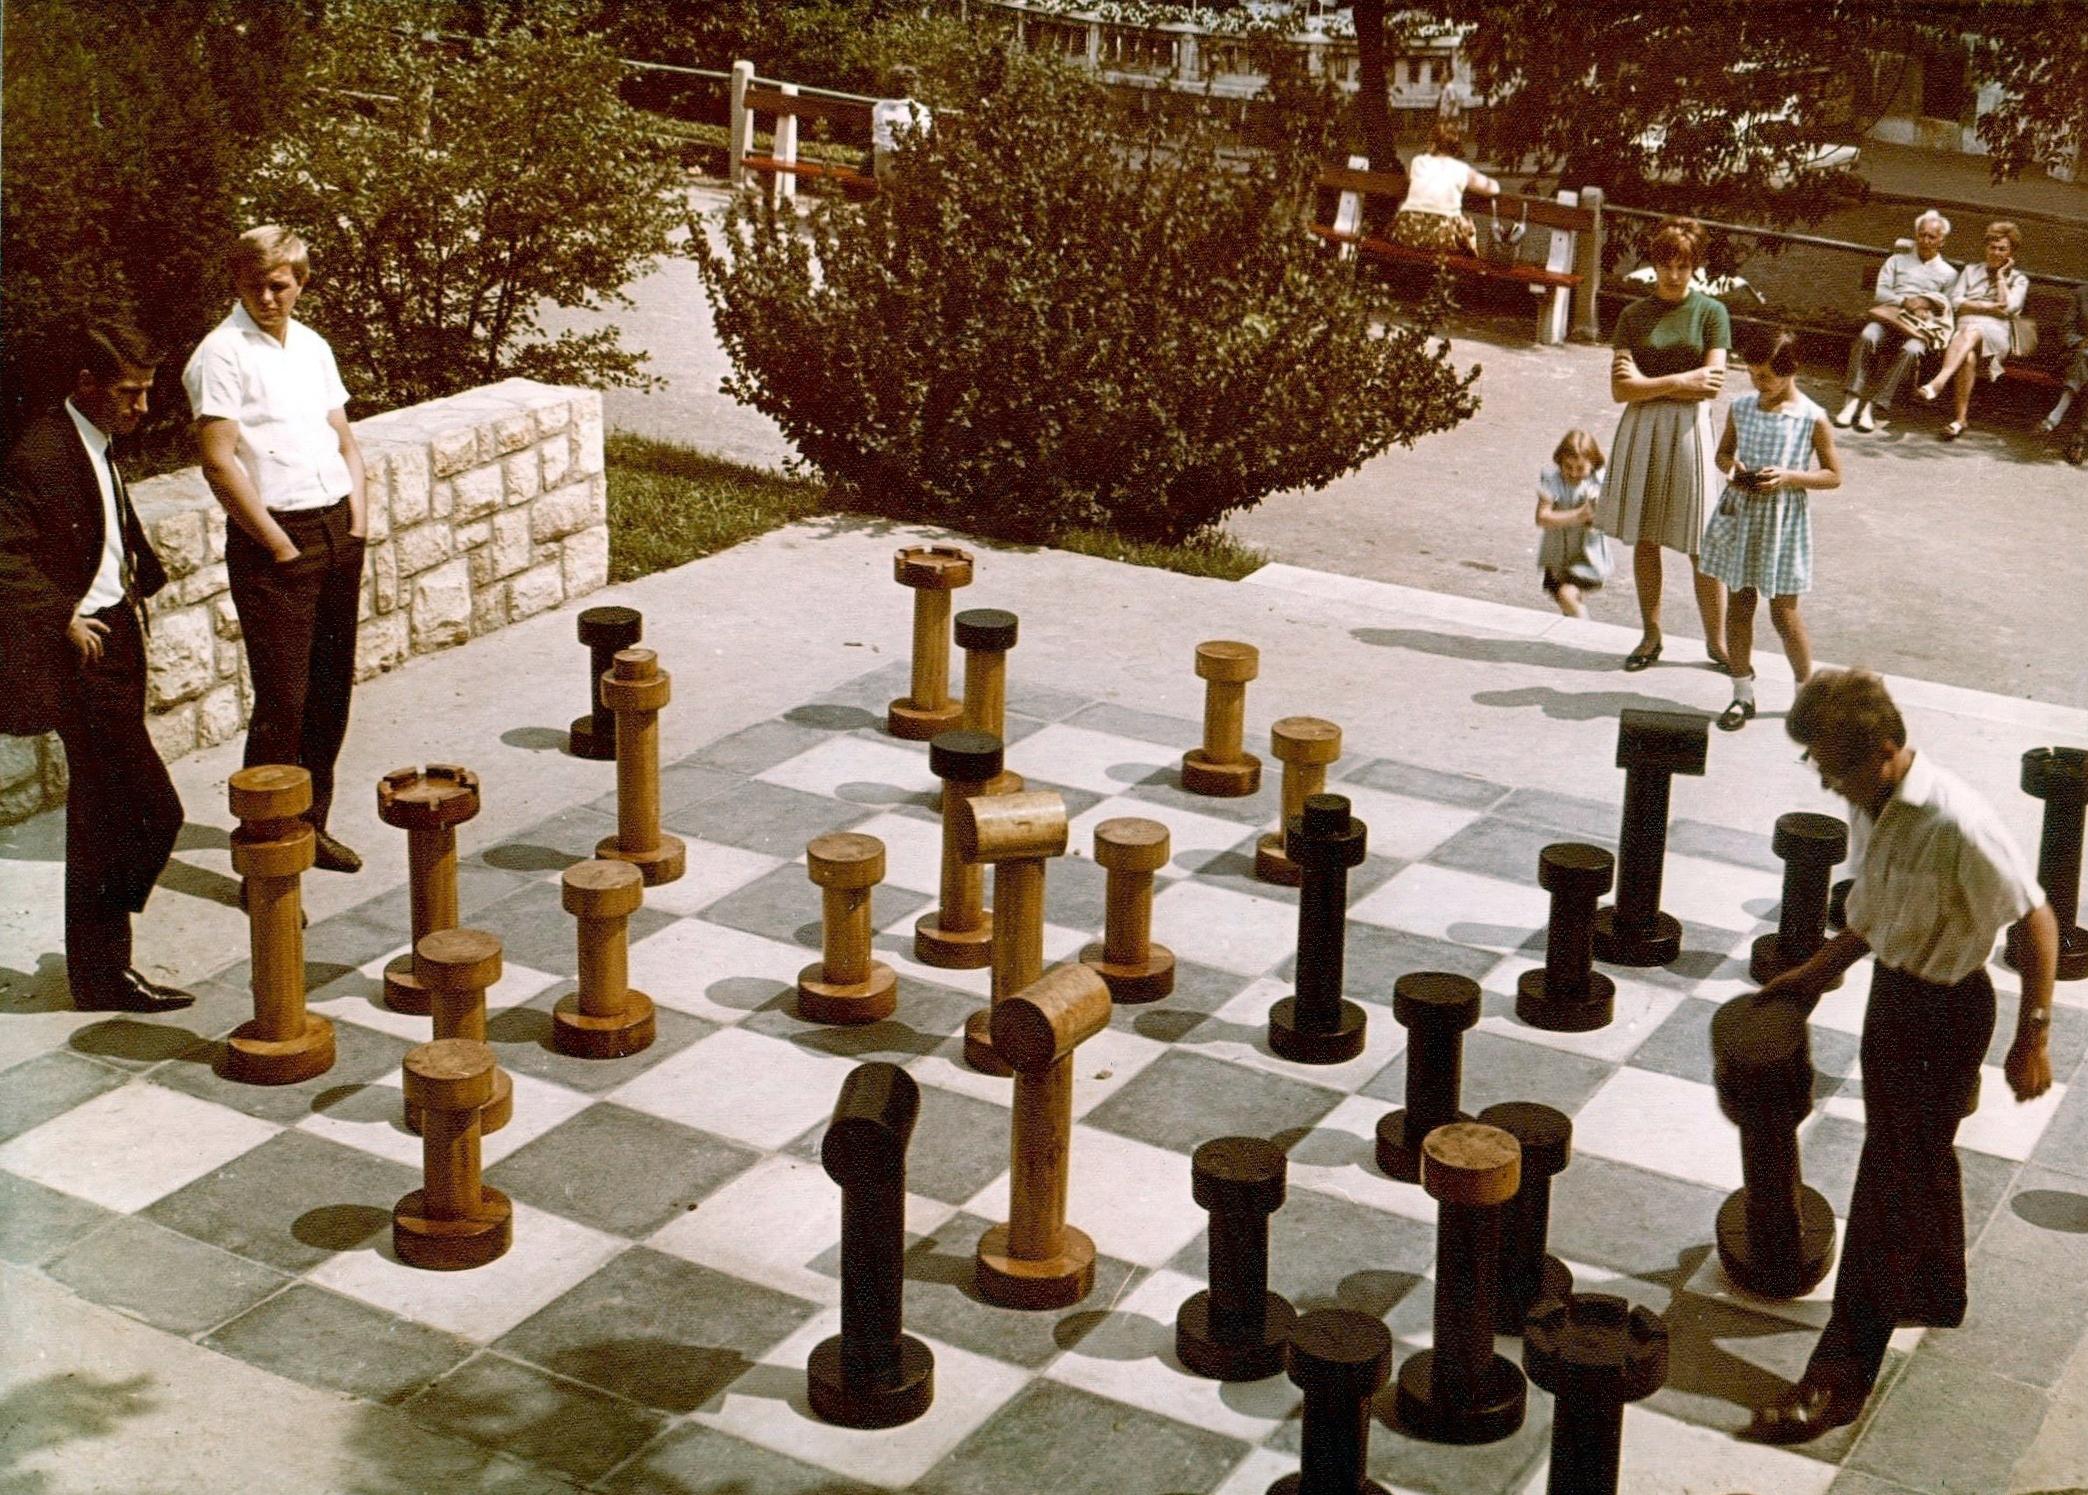 Fortepan / Főkert / Hlatky Katalin-Játszótér a Kelenhegyi útnál, 1972-ben, a háttérben a fák takarásában a Gellért Szálló éttermének terasza és a fürdő bejárata látszik.